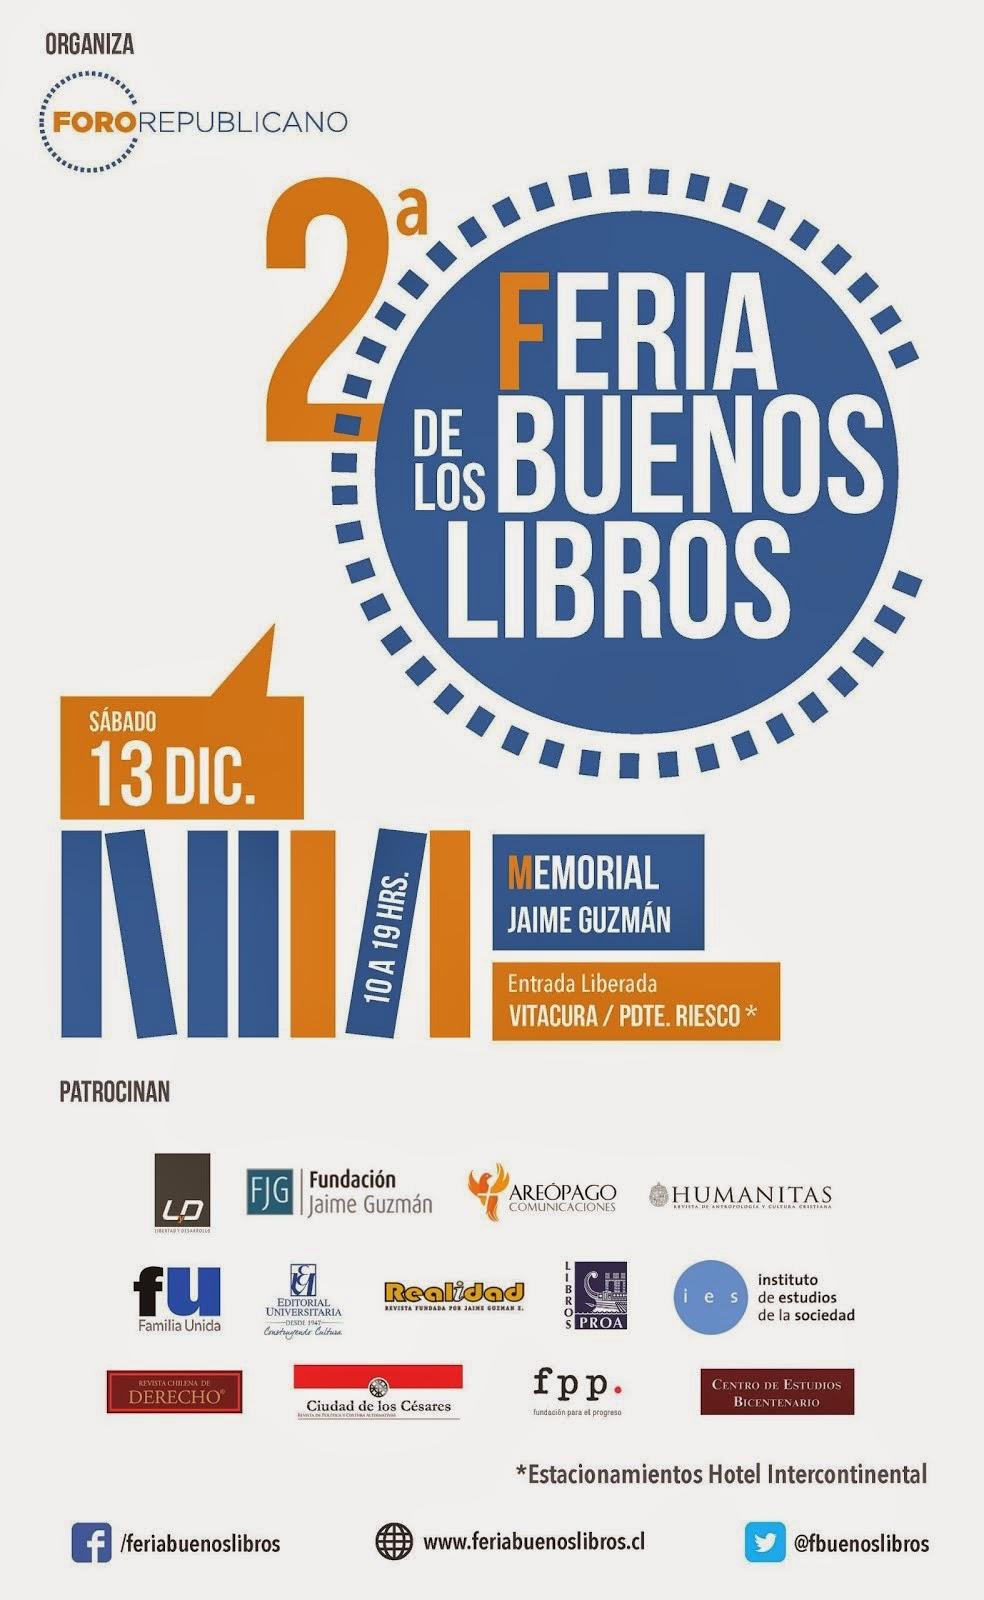 Feria de los Buenos Libros